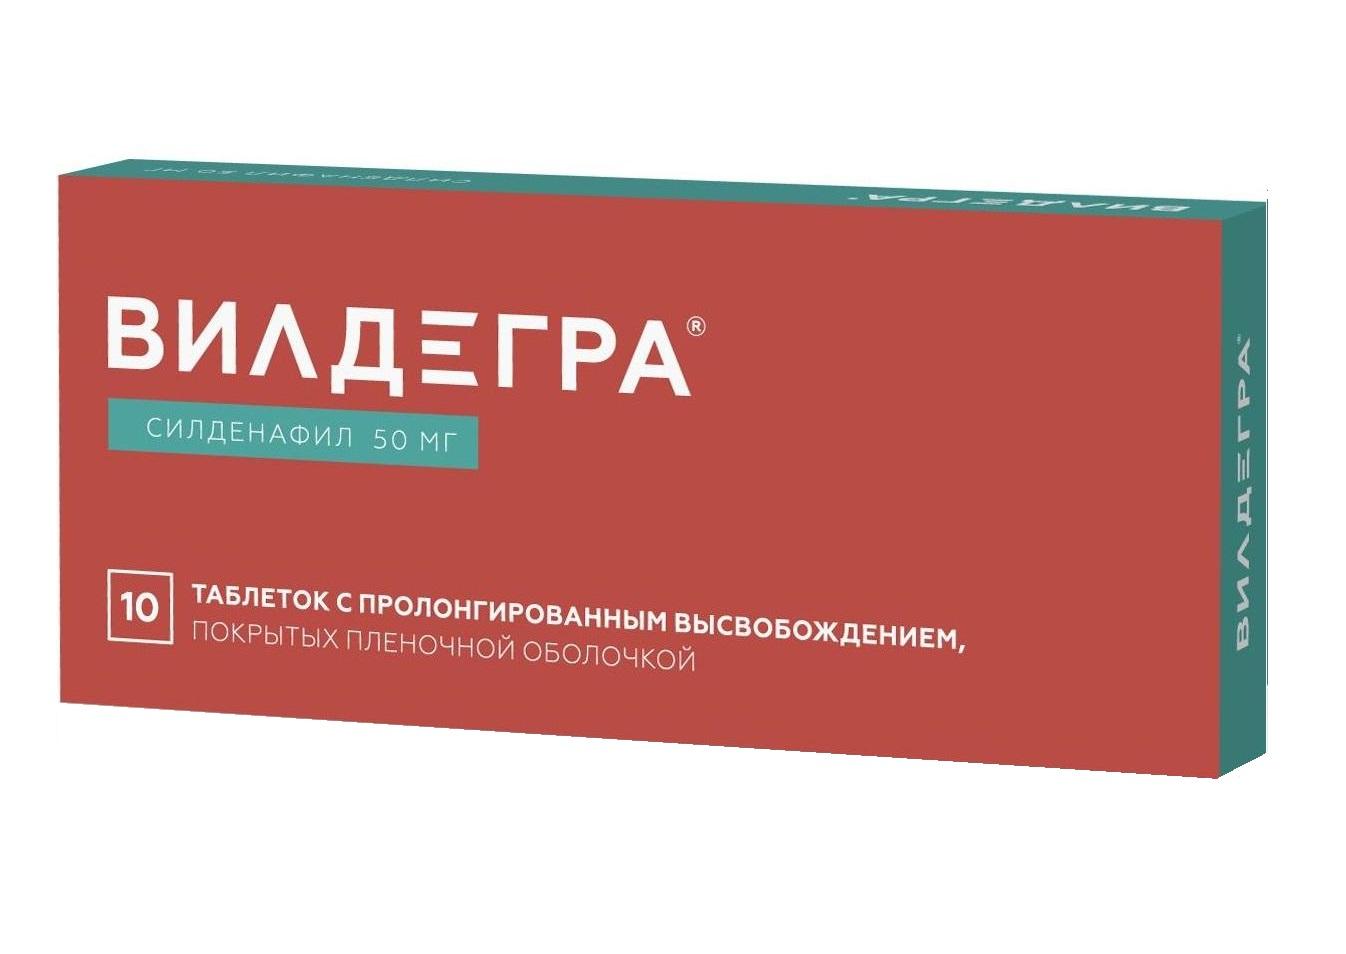 Препарат: вепрена в аптеках москвы